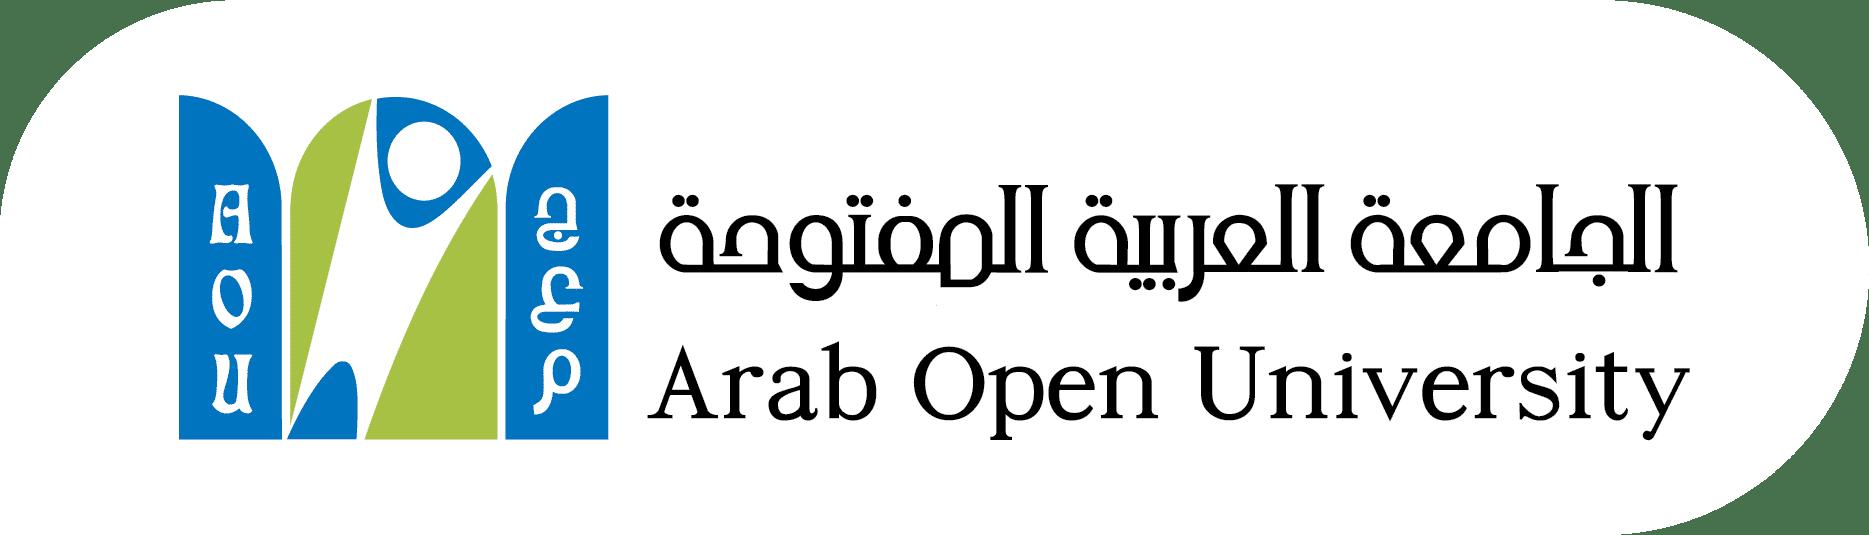 AOU Logo